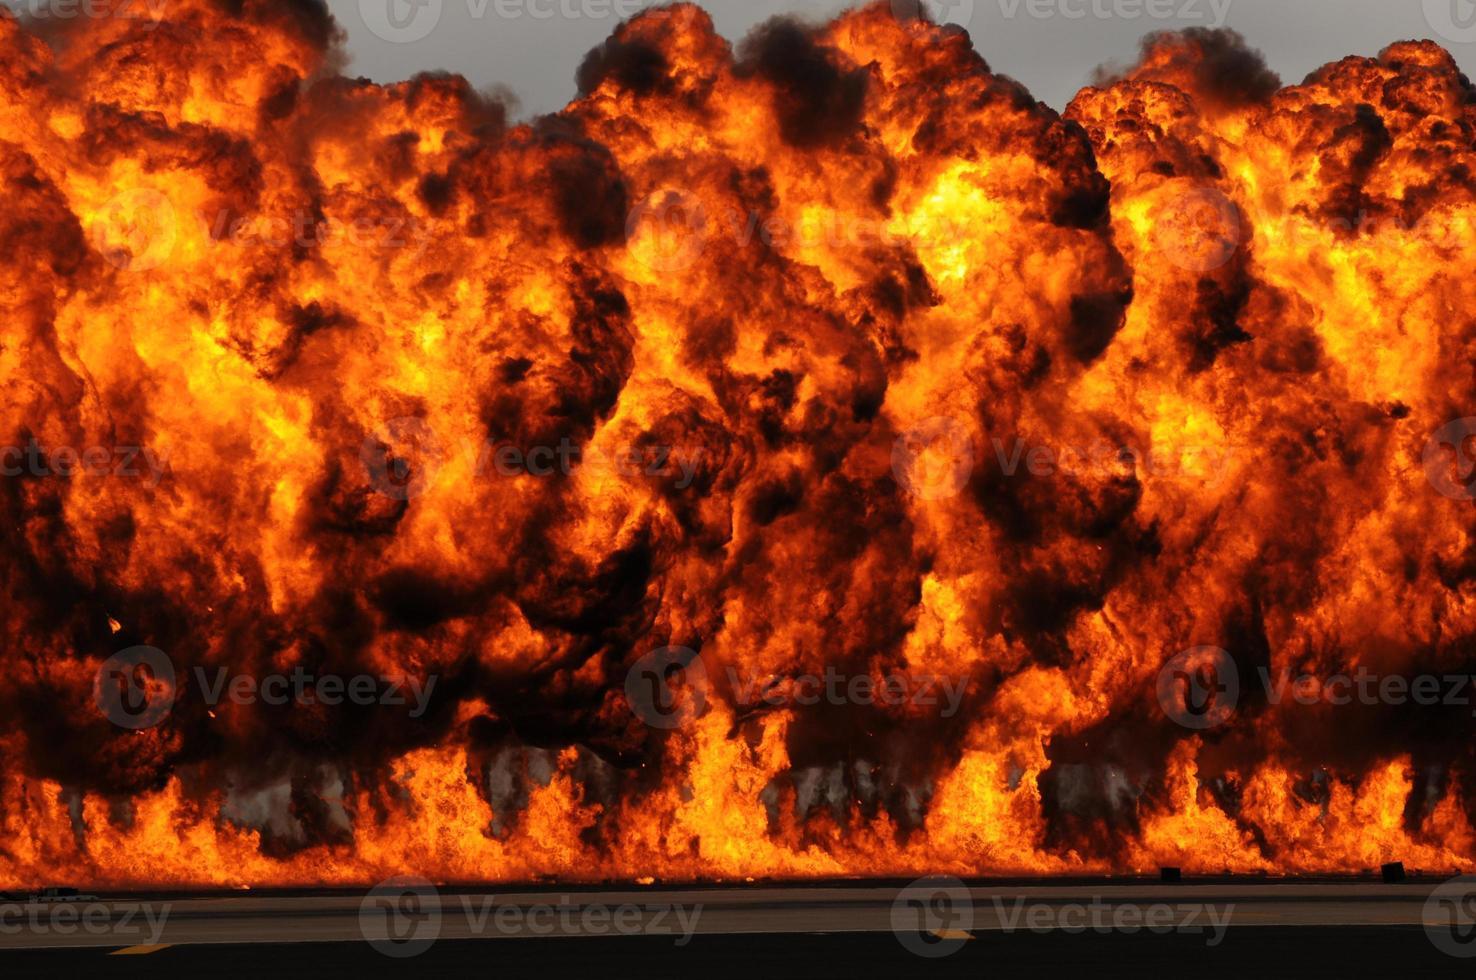 grote explosie met enorme oranje vlammen in de lucht foto